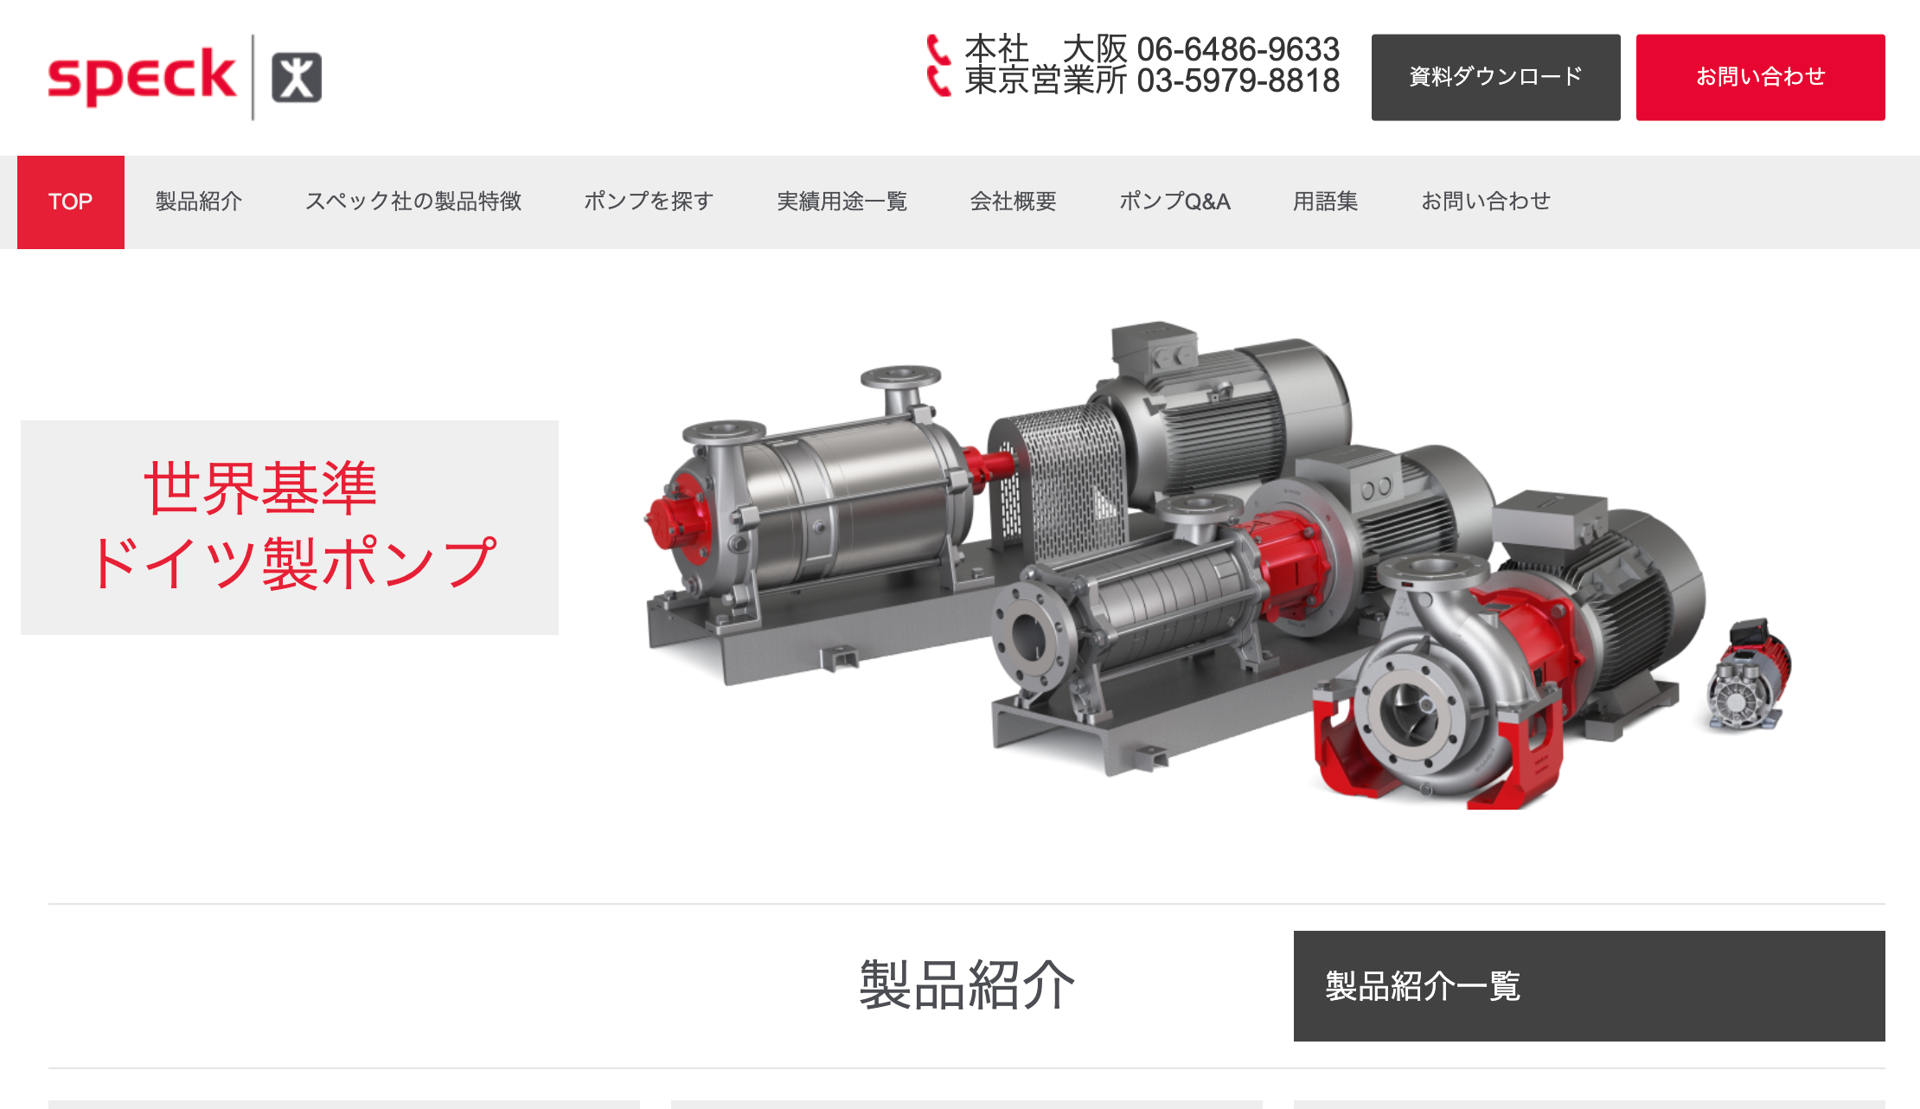 マグネットポンプメーカーのスペックジャパン